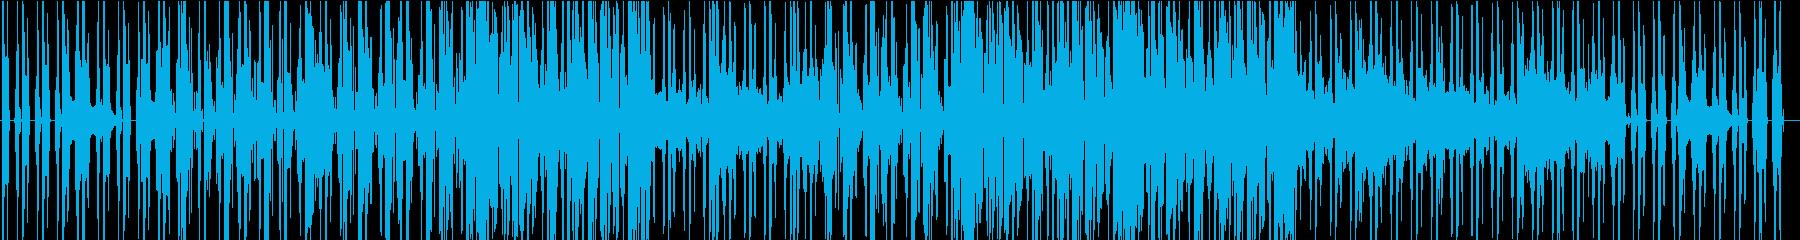 ポップR&B、ハンドクラップ、パワ...の再生済みの波形